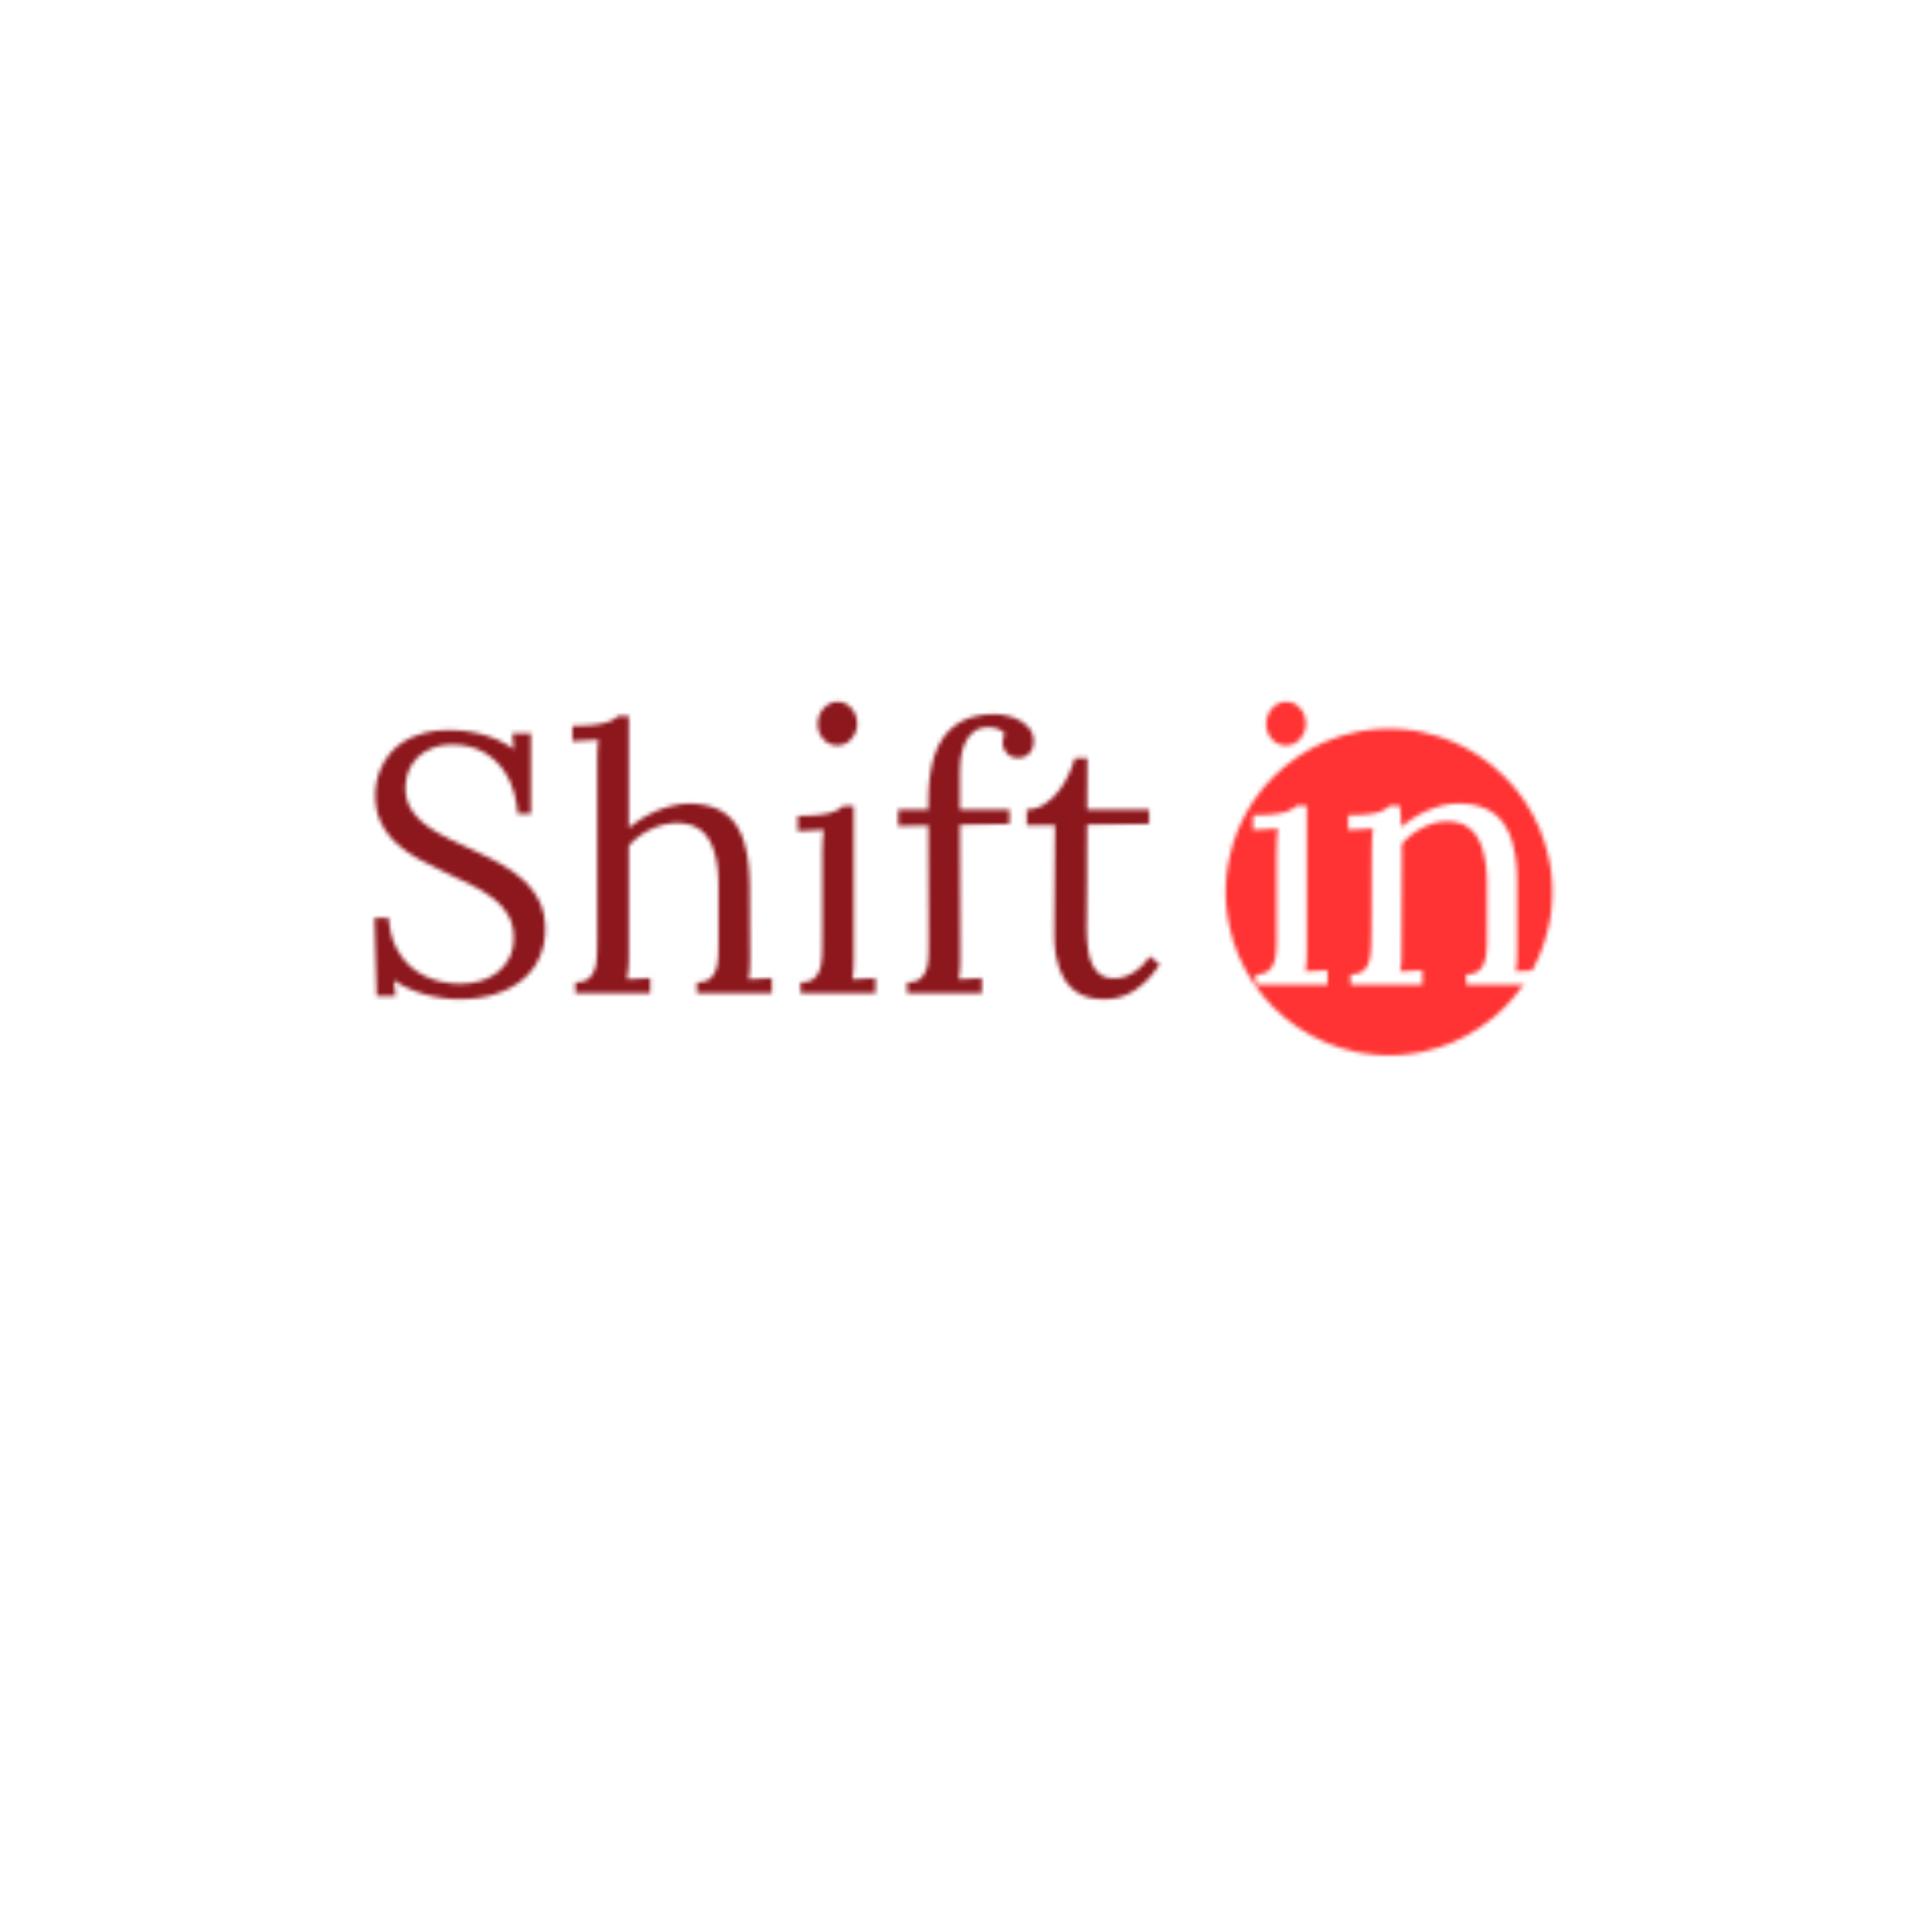 shift in logo